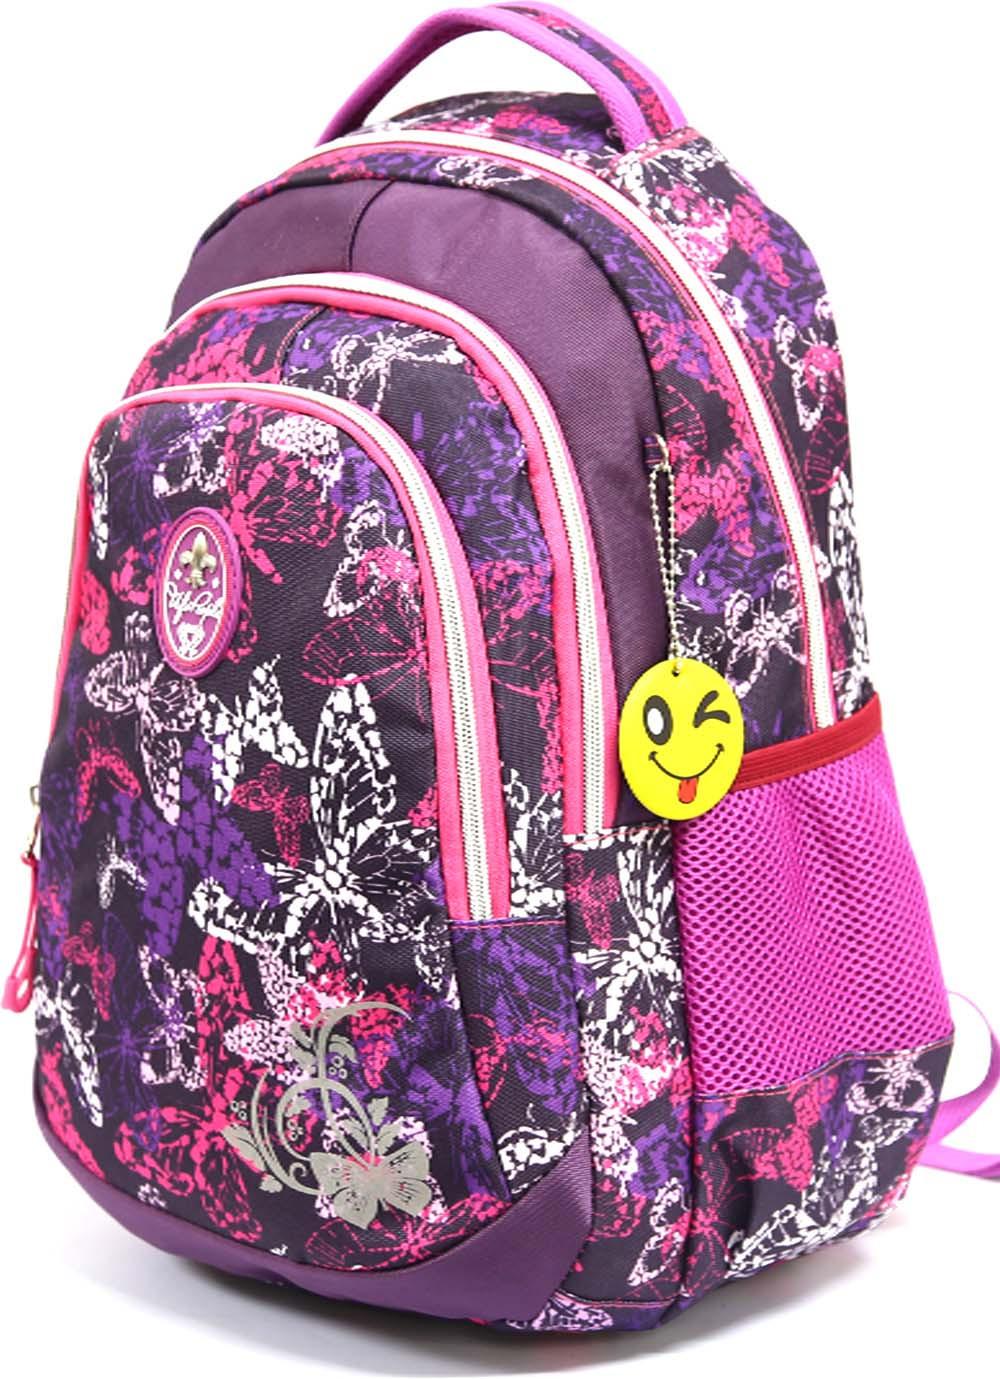 Рюкзак детский UFO People, цвет: фиолетовый. 7632 цены онлайн